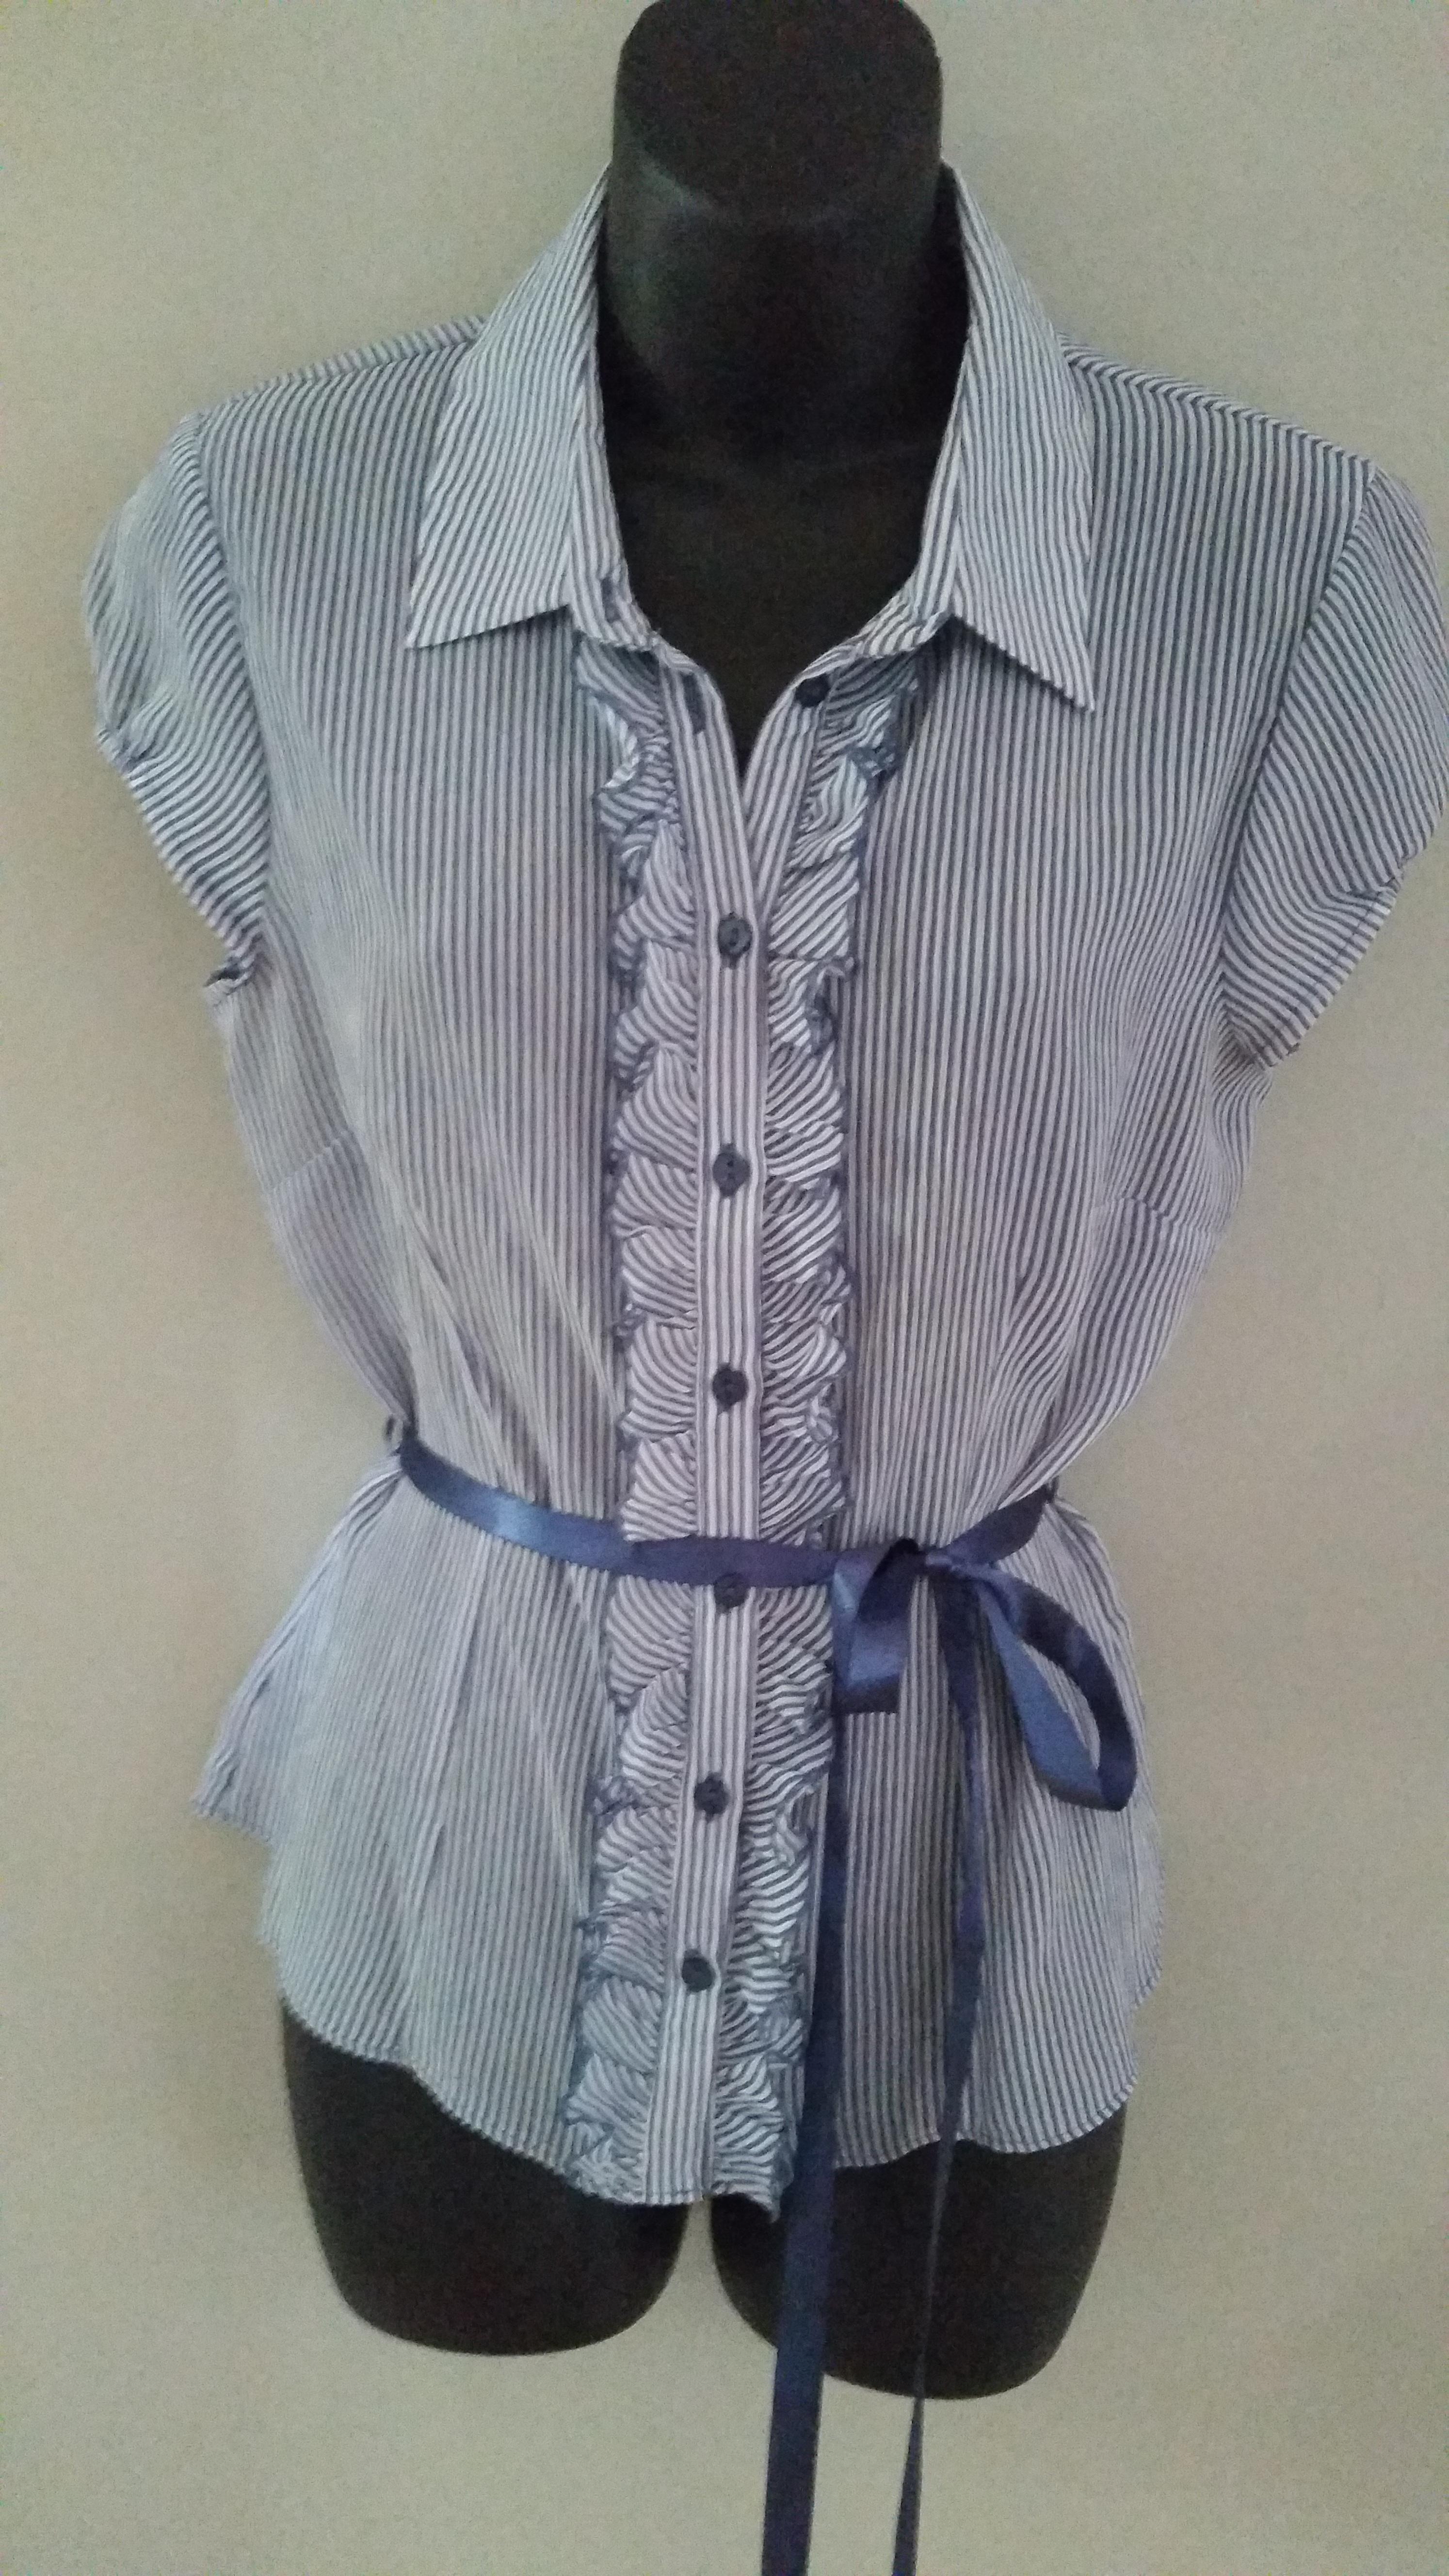 c942c12e4 Button Up Shirts Hm